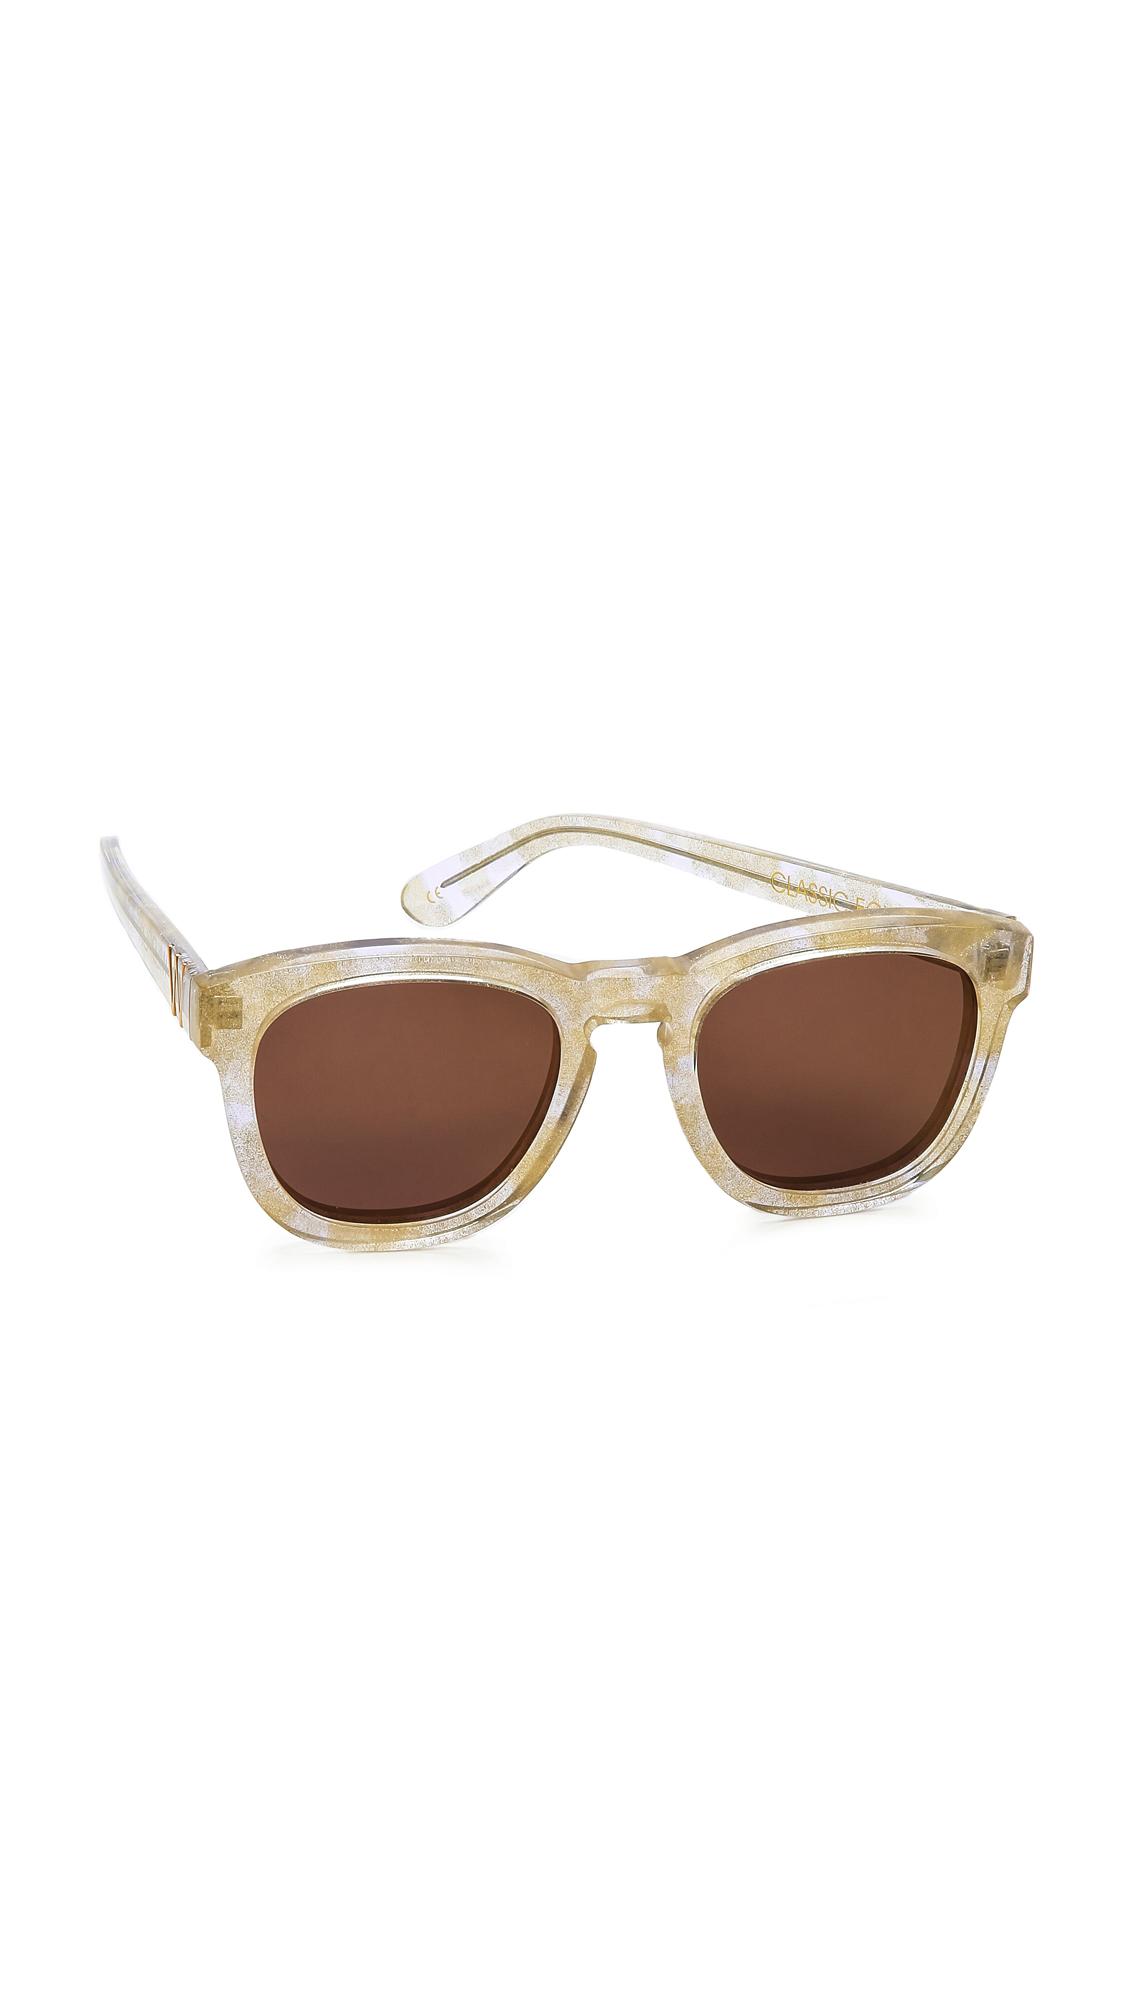 Wildfox Classic Fox Deluxe Sunglasses Pink Purple Mirror